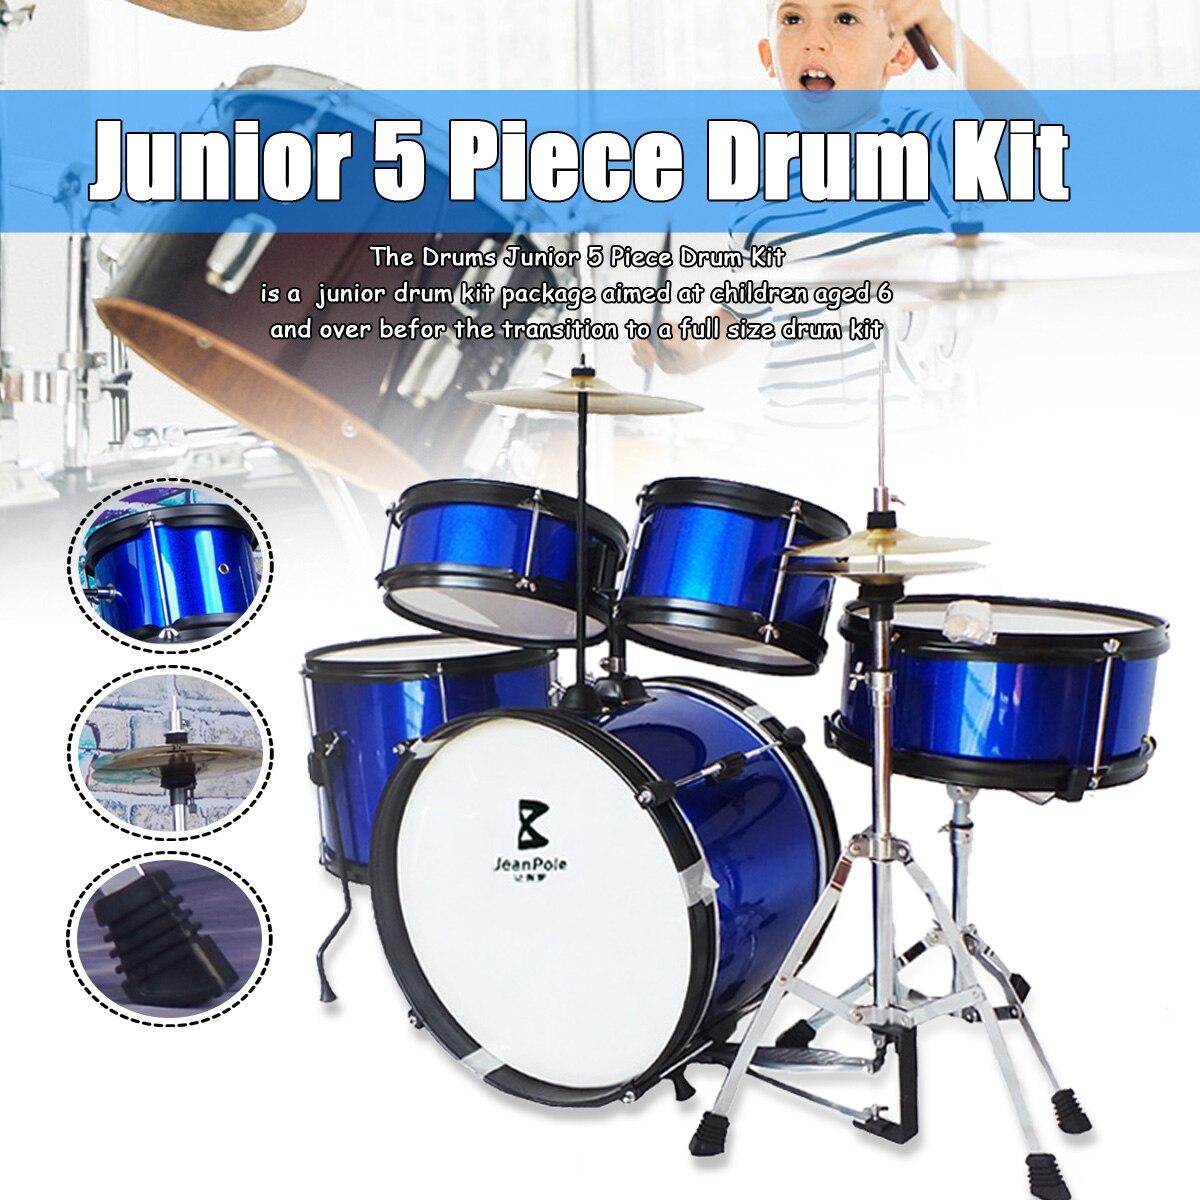 Детский Junior Drum набор 5 шт. полный тарелки Размер 16 черный новый барабан Музыкальные инструменты играть обучение обучающая игрушка подарок